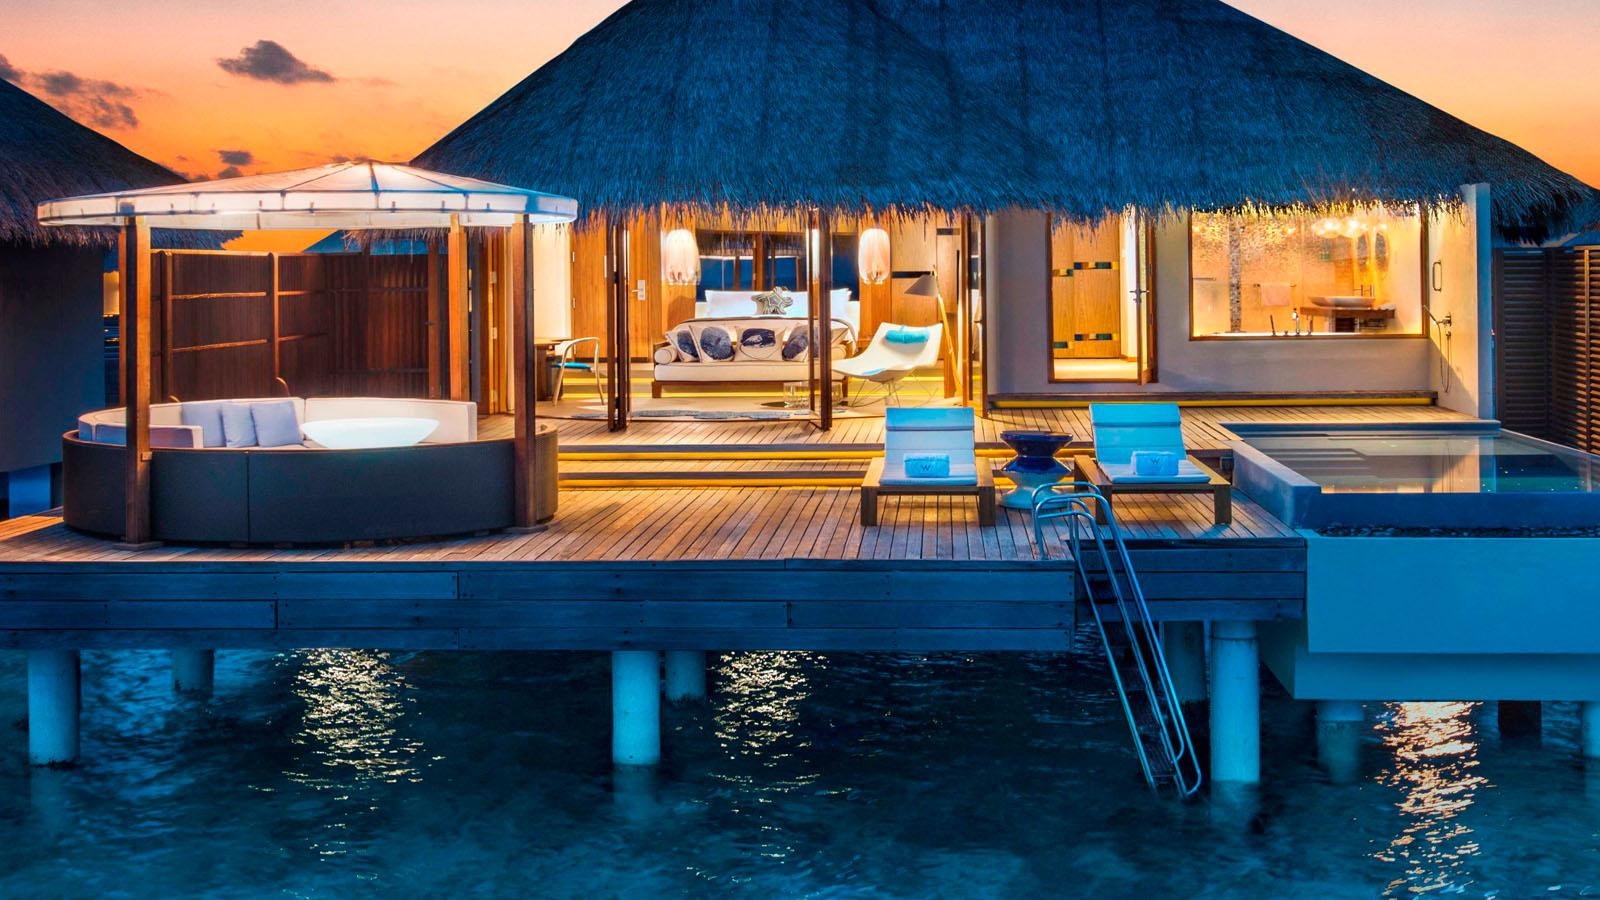 W Retreat and Spa Maldives (9)